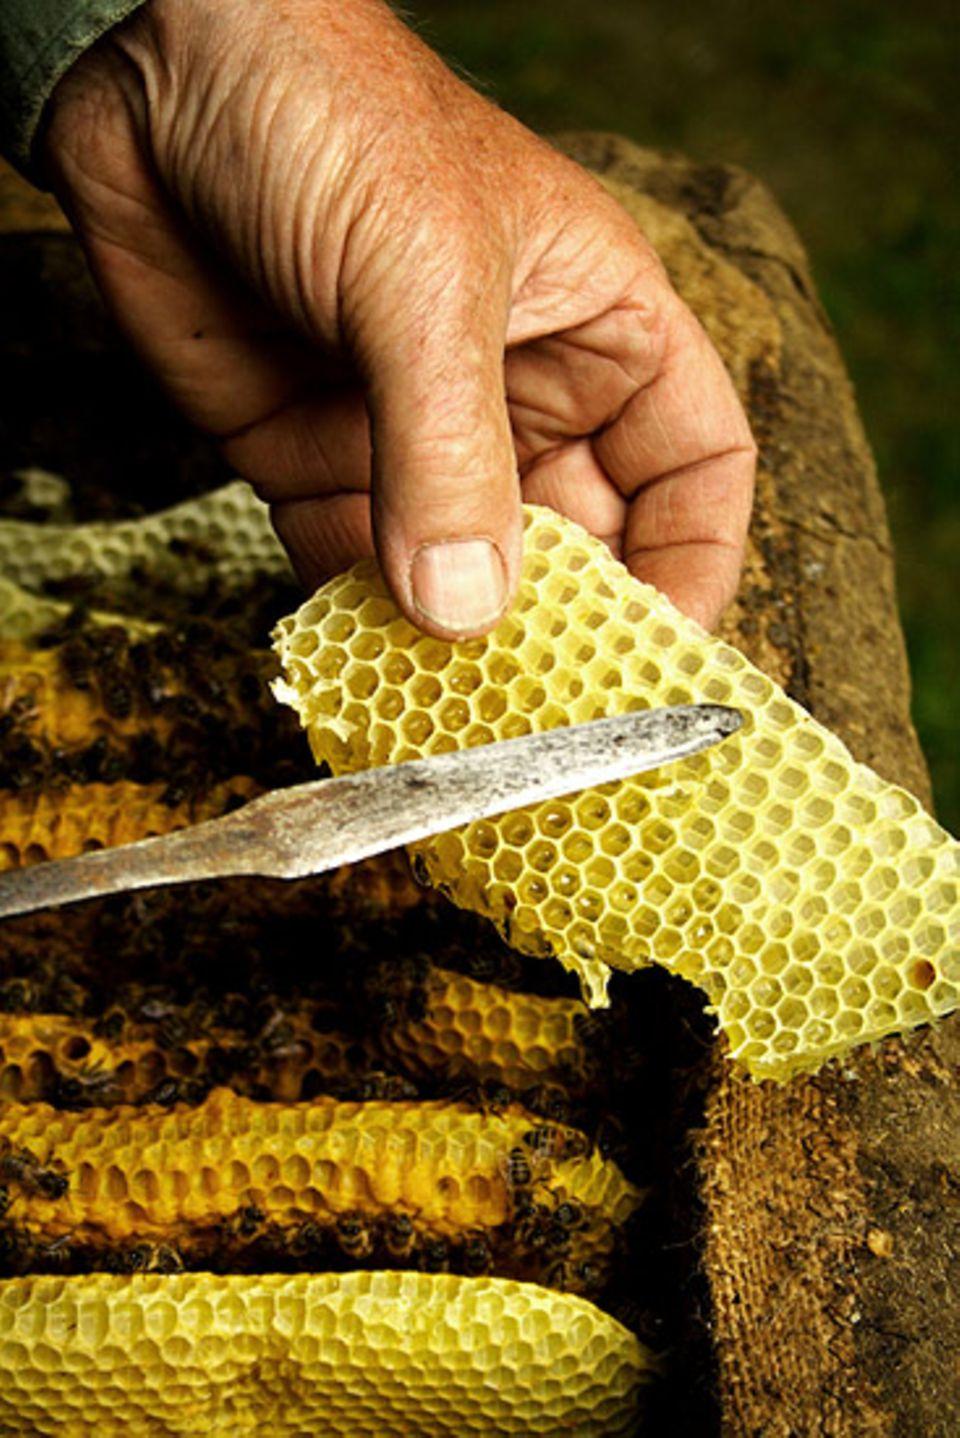 Beruf: Regelmäßig kontrollieren Imker die Konsistenz und Farbe ihres Honigs